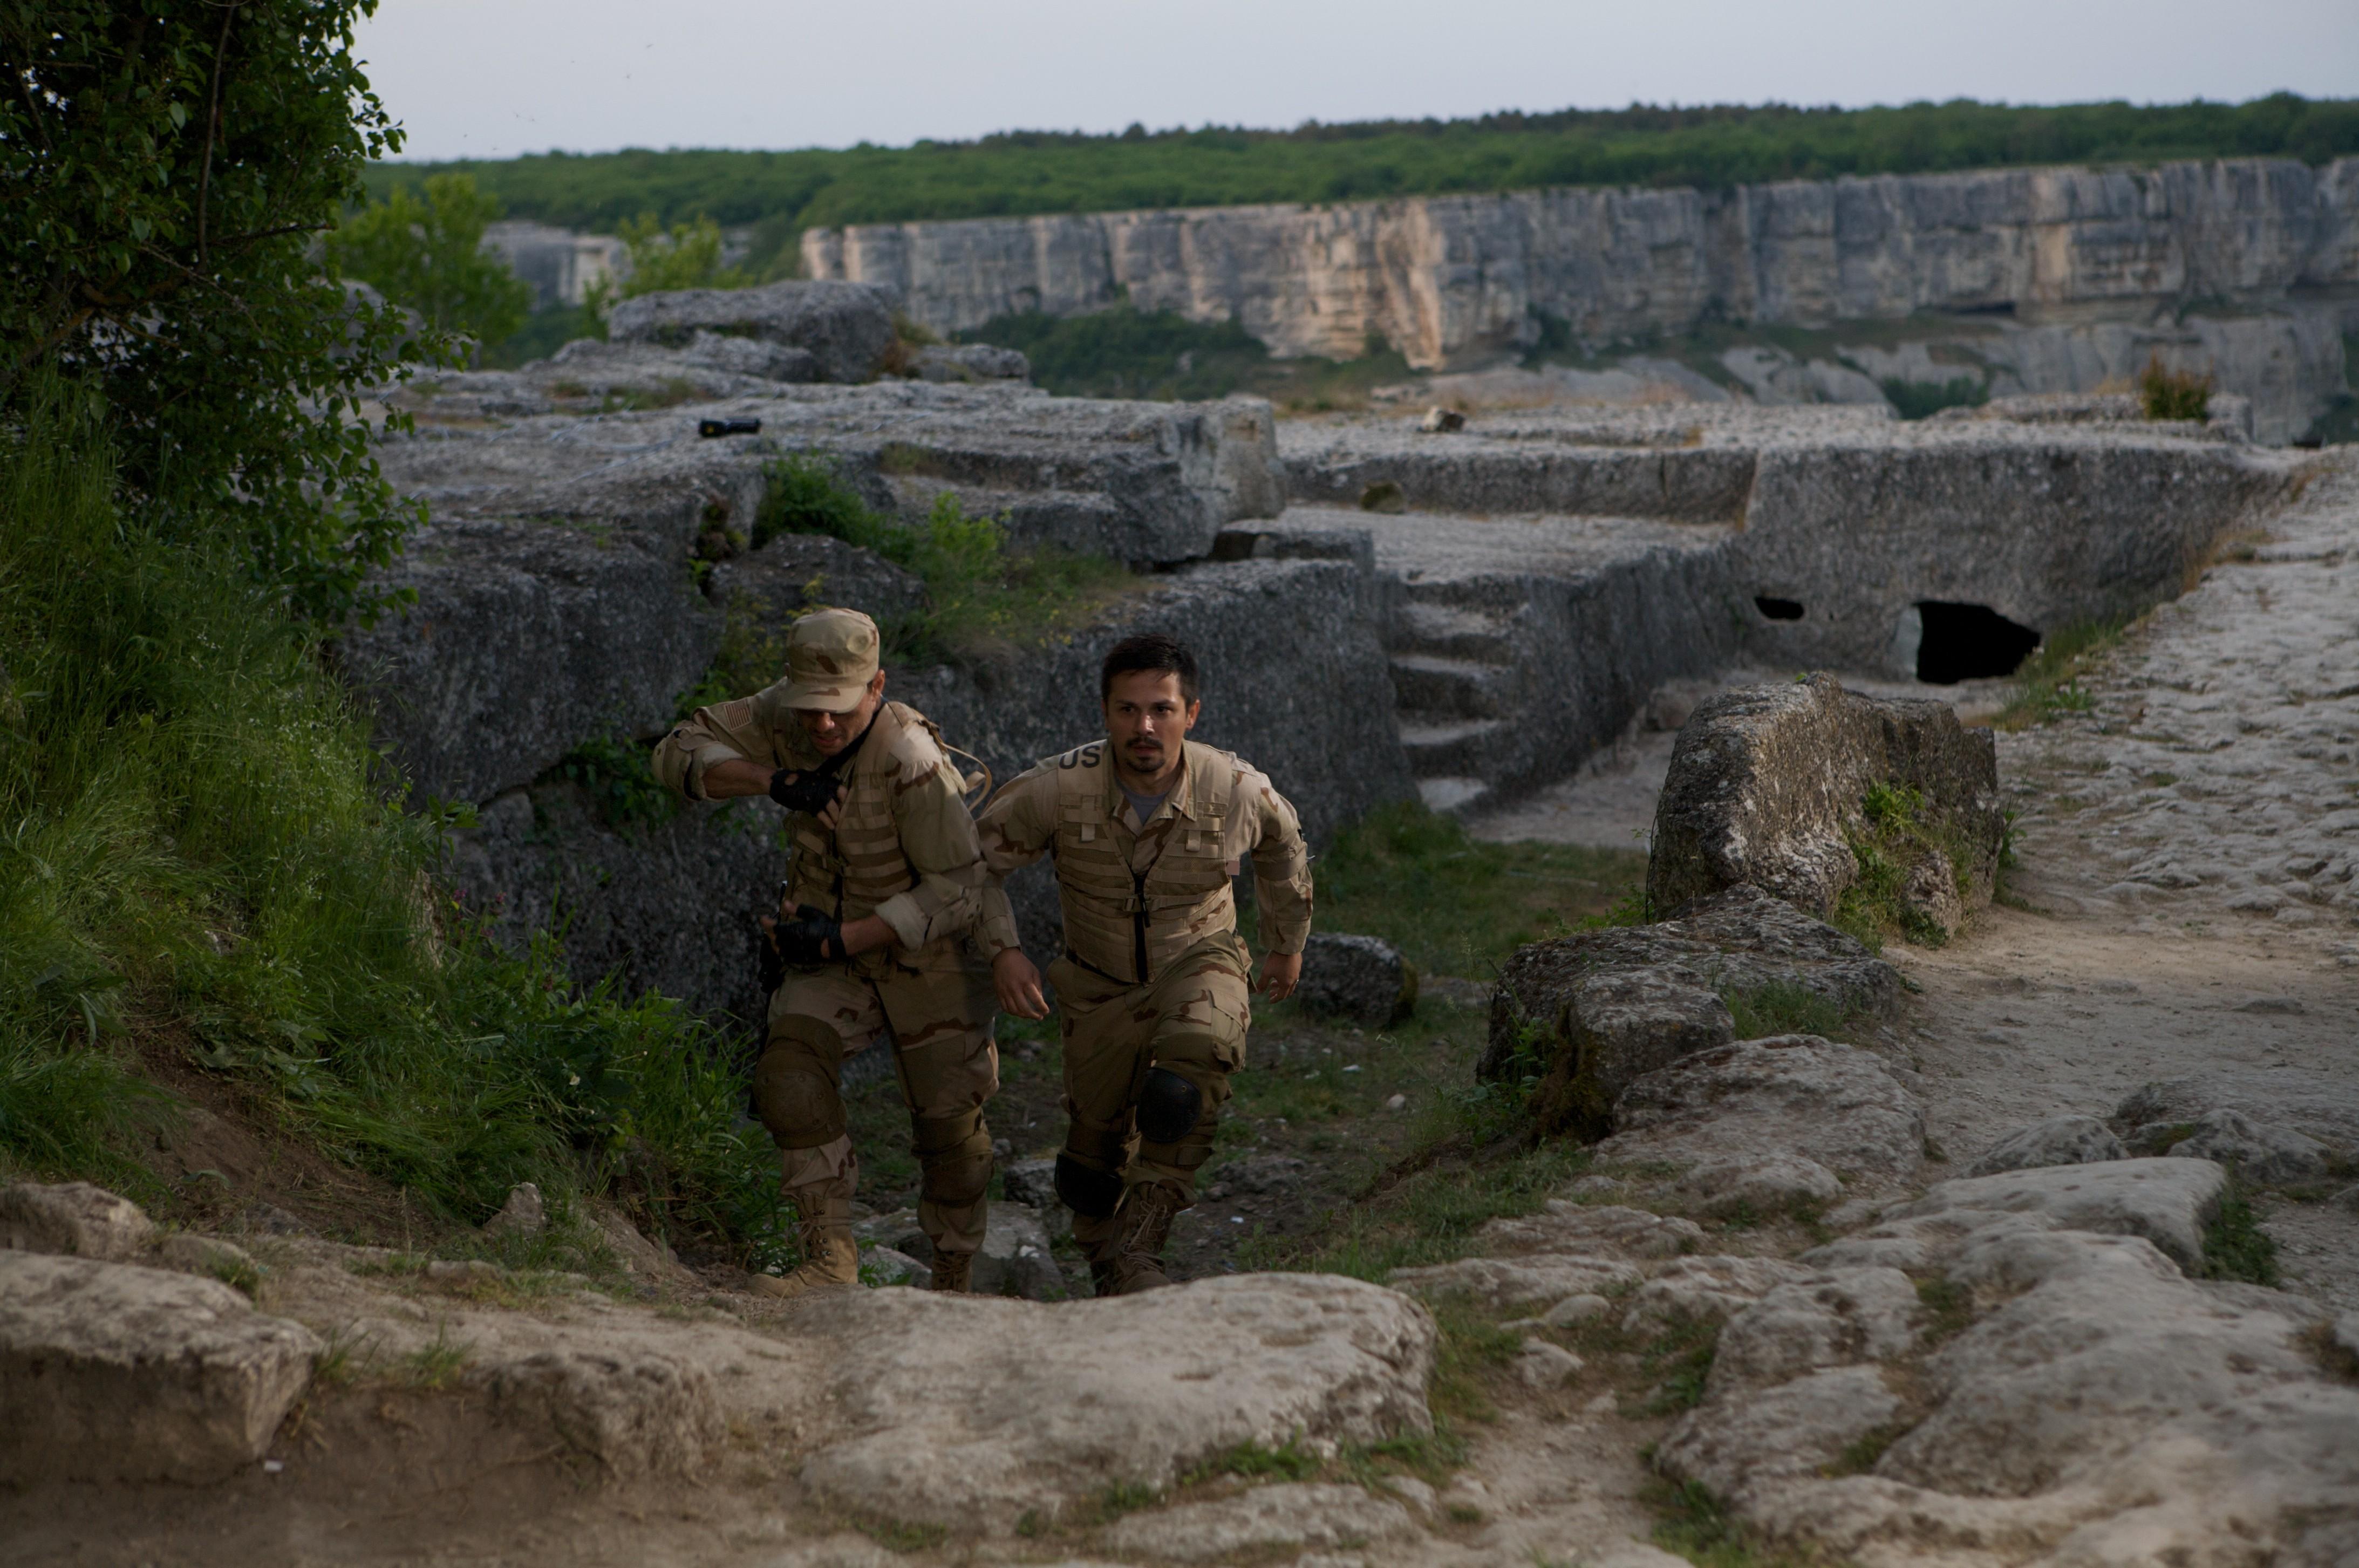 кадры из фильма Солдаты удачи Кристиан Слэйтер, Фредди Родригес,